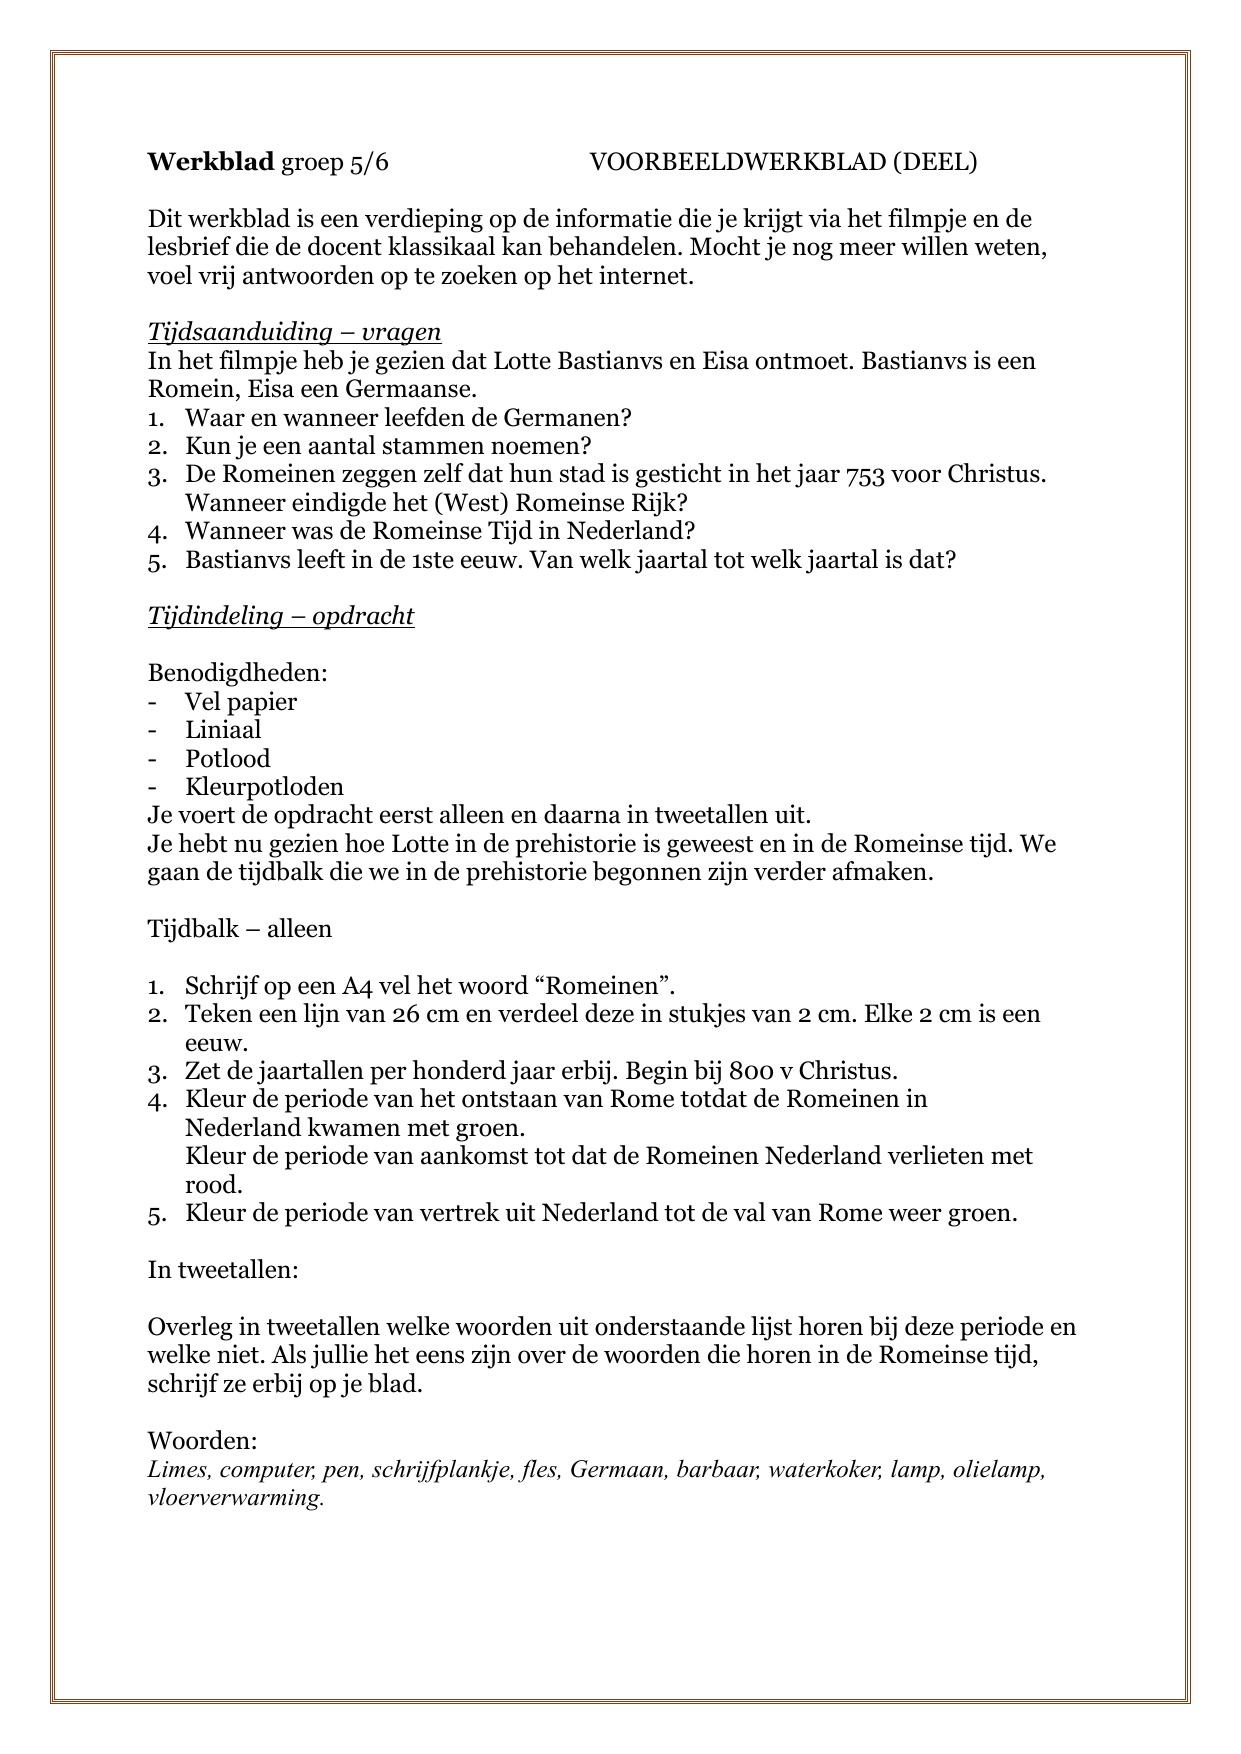 Beste Werkblad groep 5/6 VOORBEELDWERKBLAD XI-94